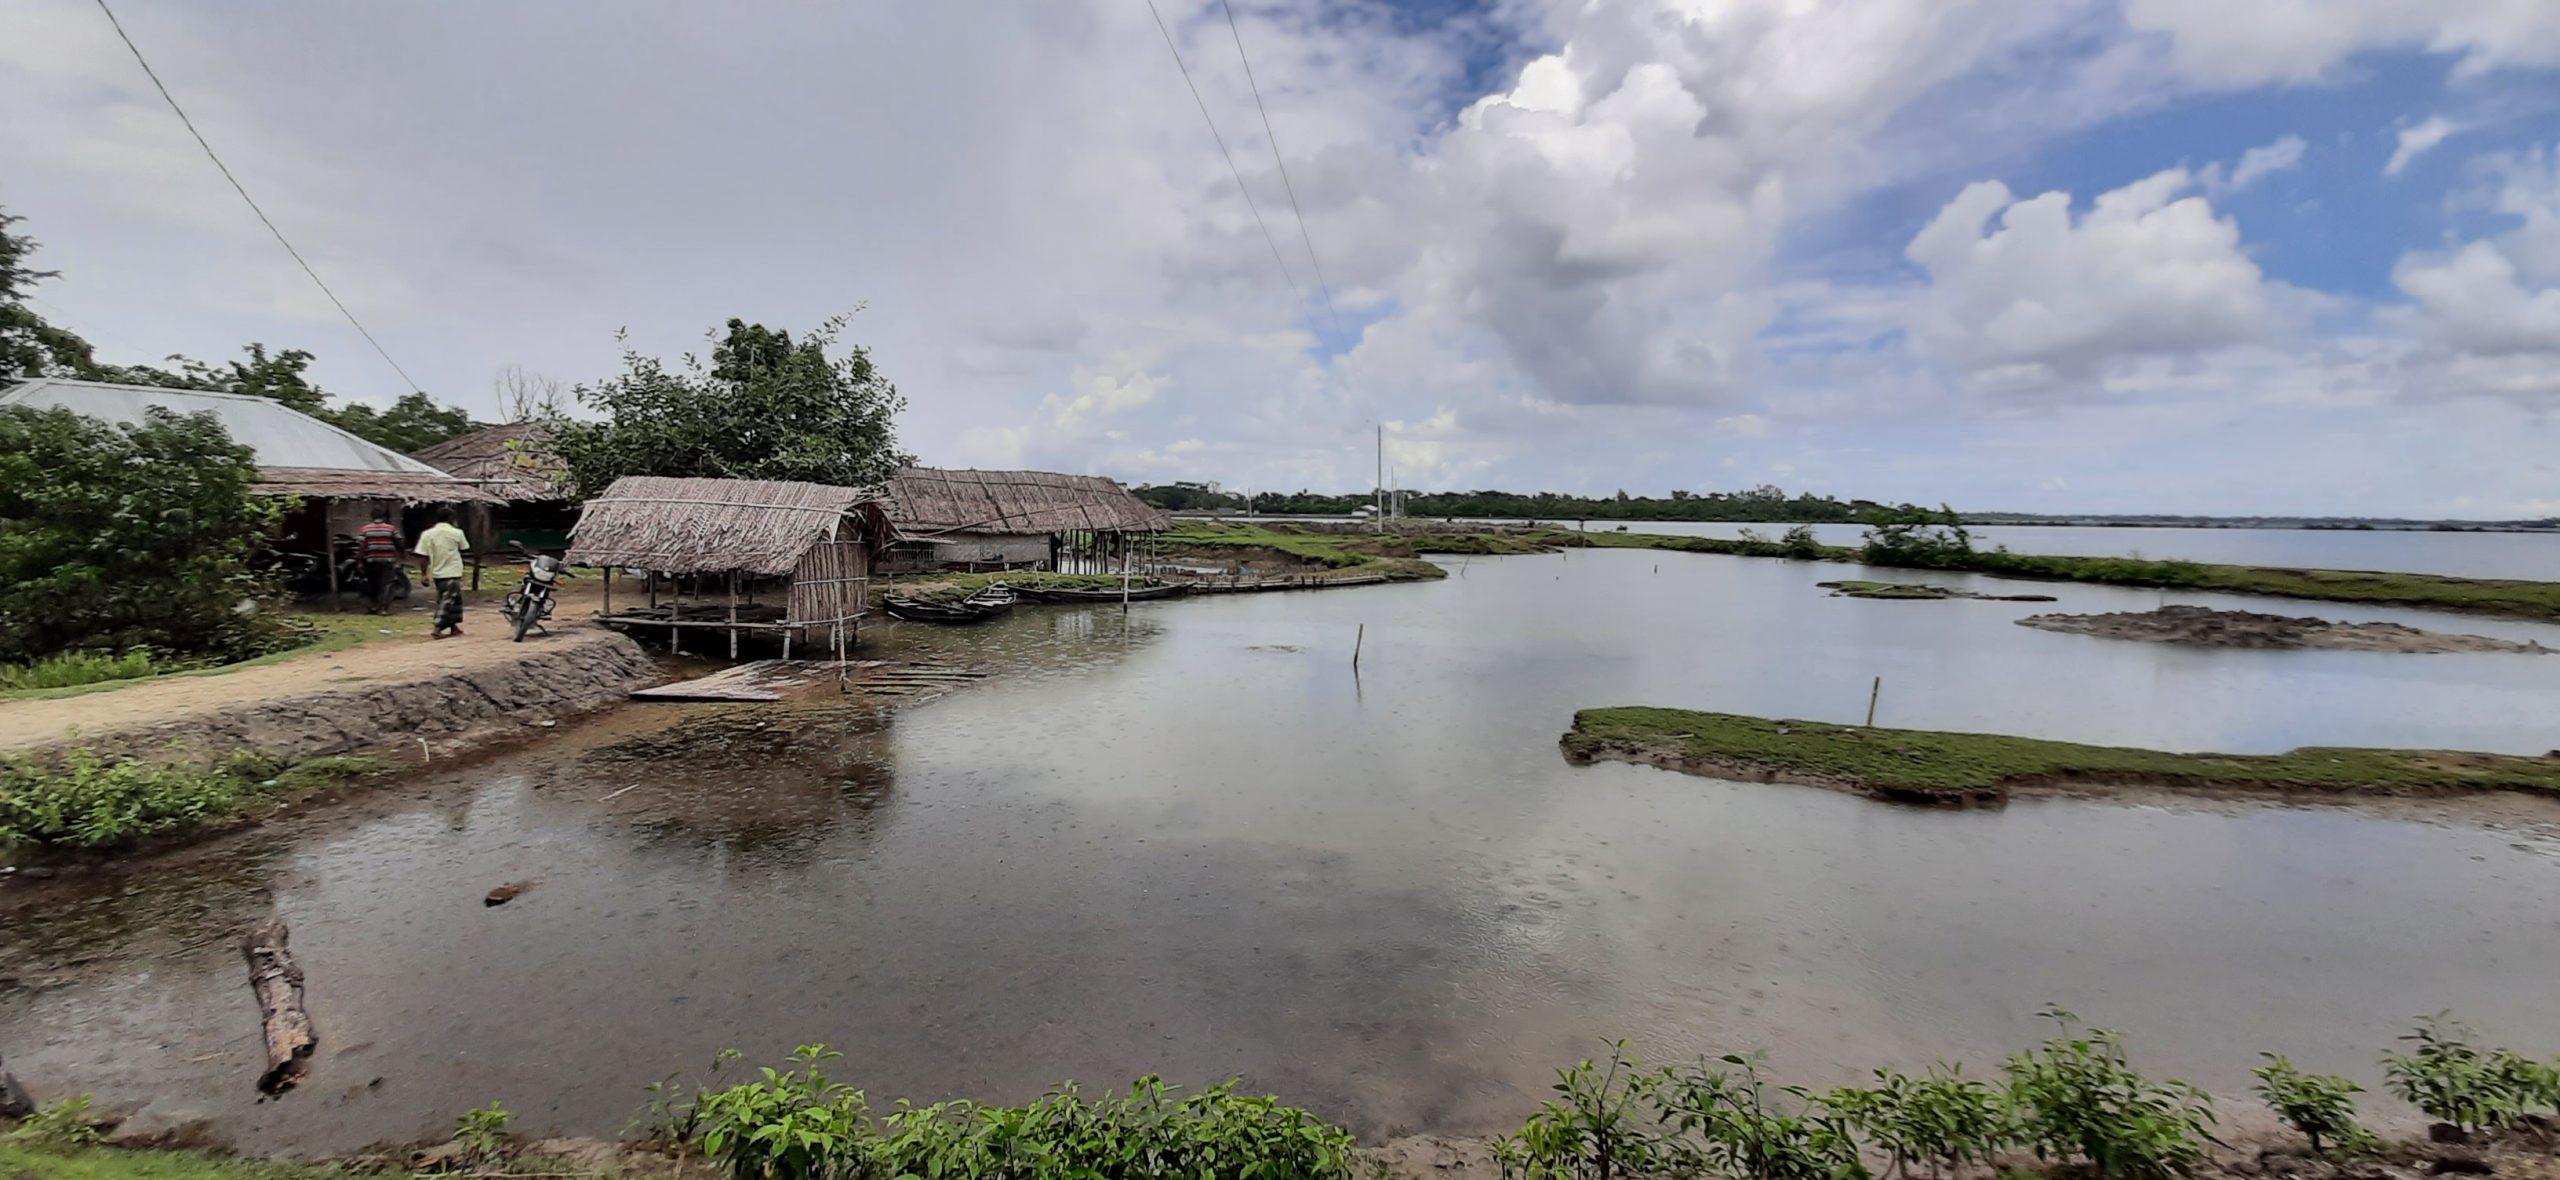 মোংলায় একটি চিংড়ি ঘের দখল নিয়ে দুইটি গ্রুপ মুখোমুখি অবস্থানে